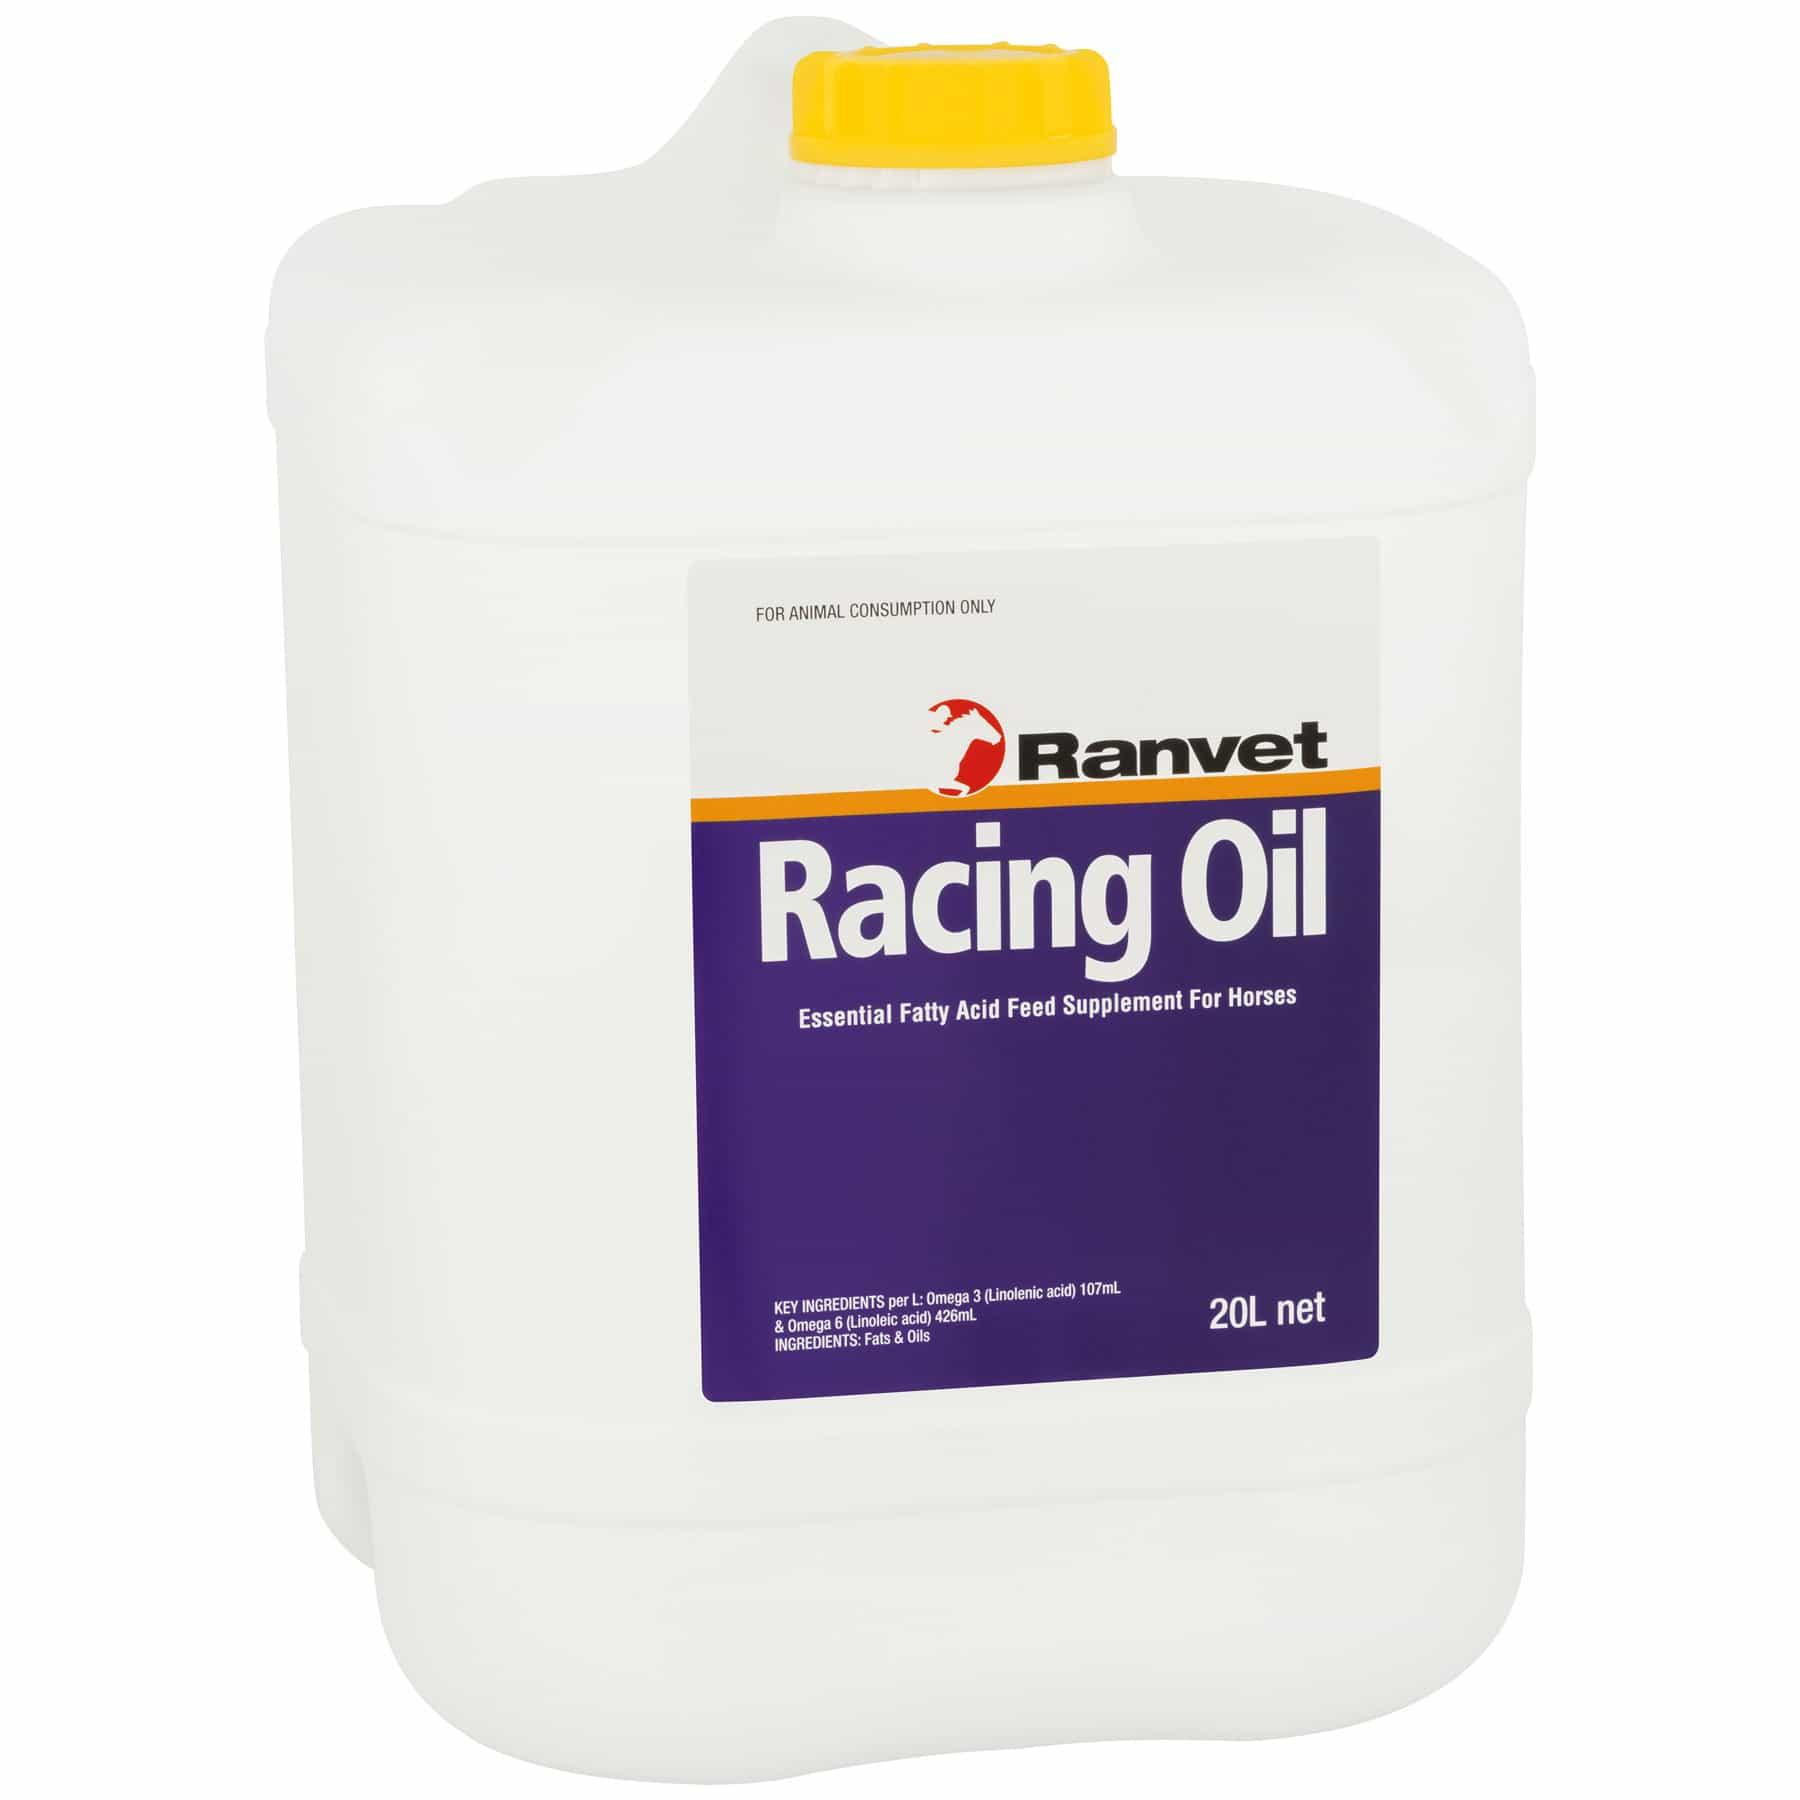 Oil for horses